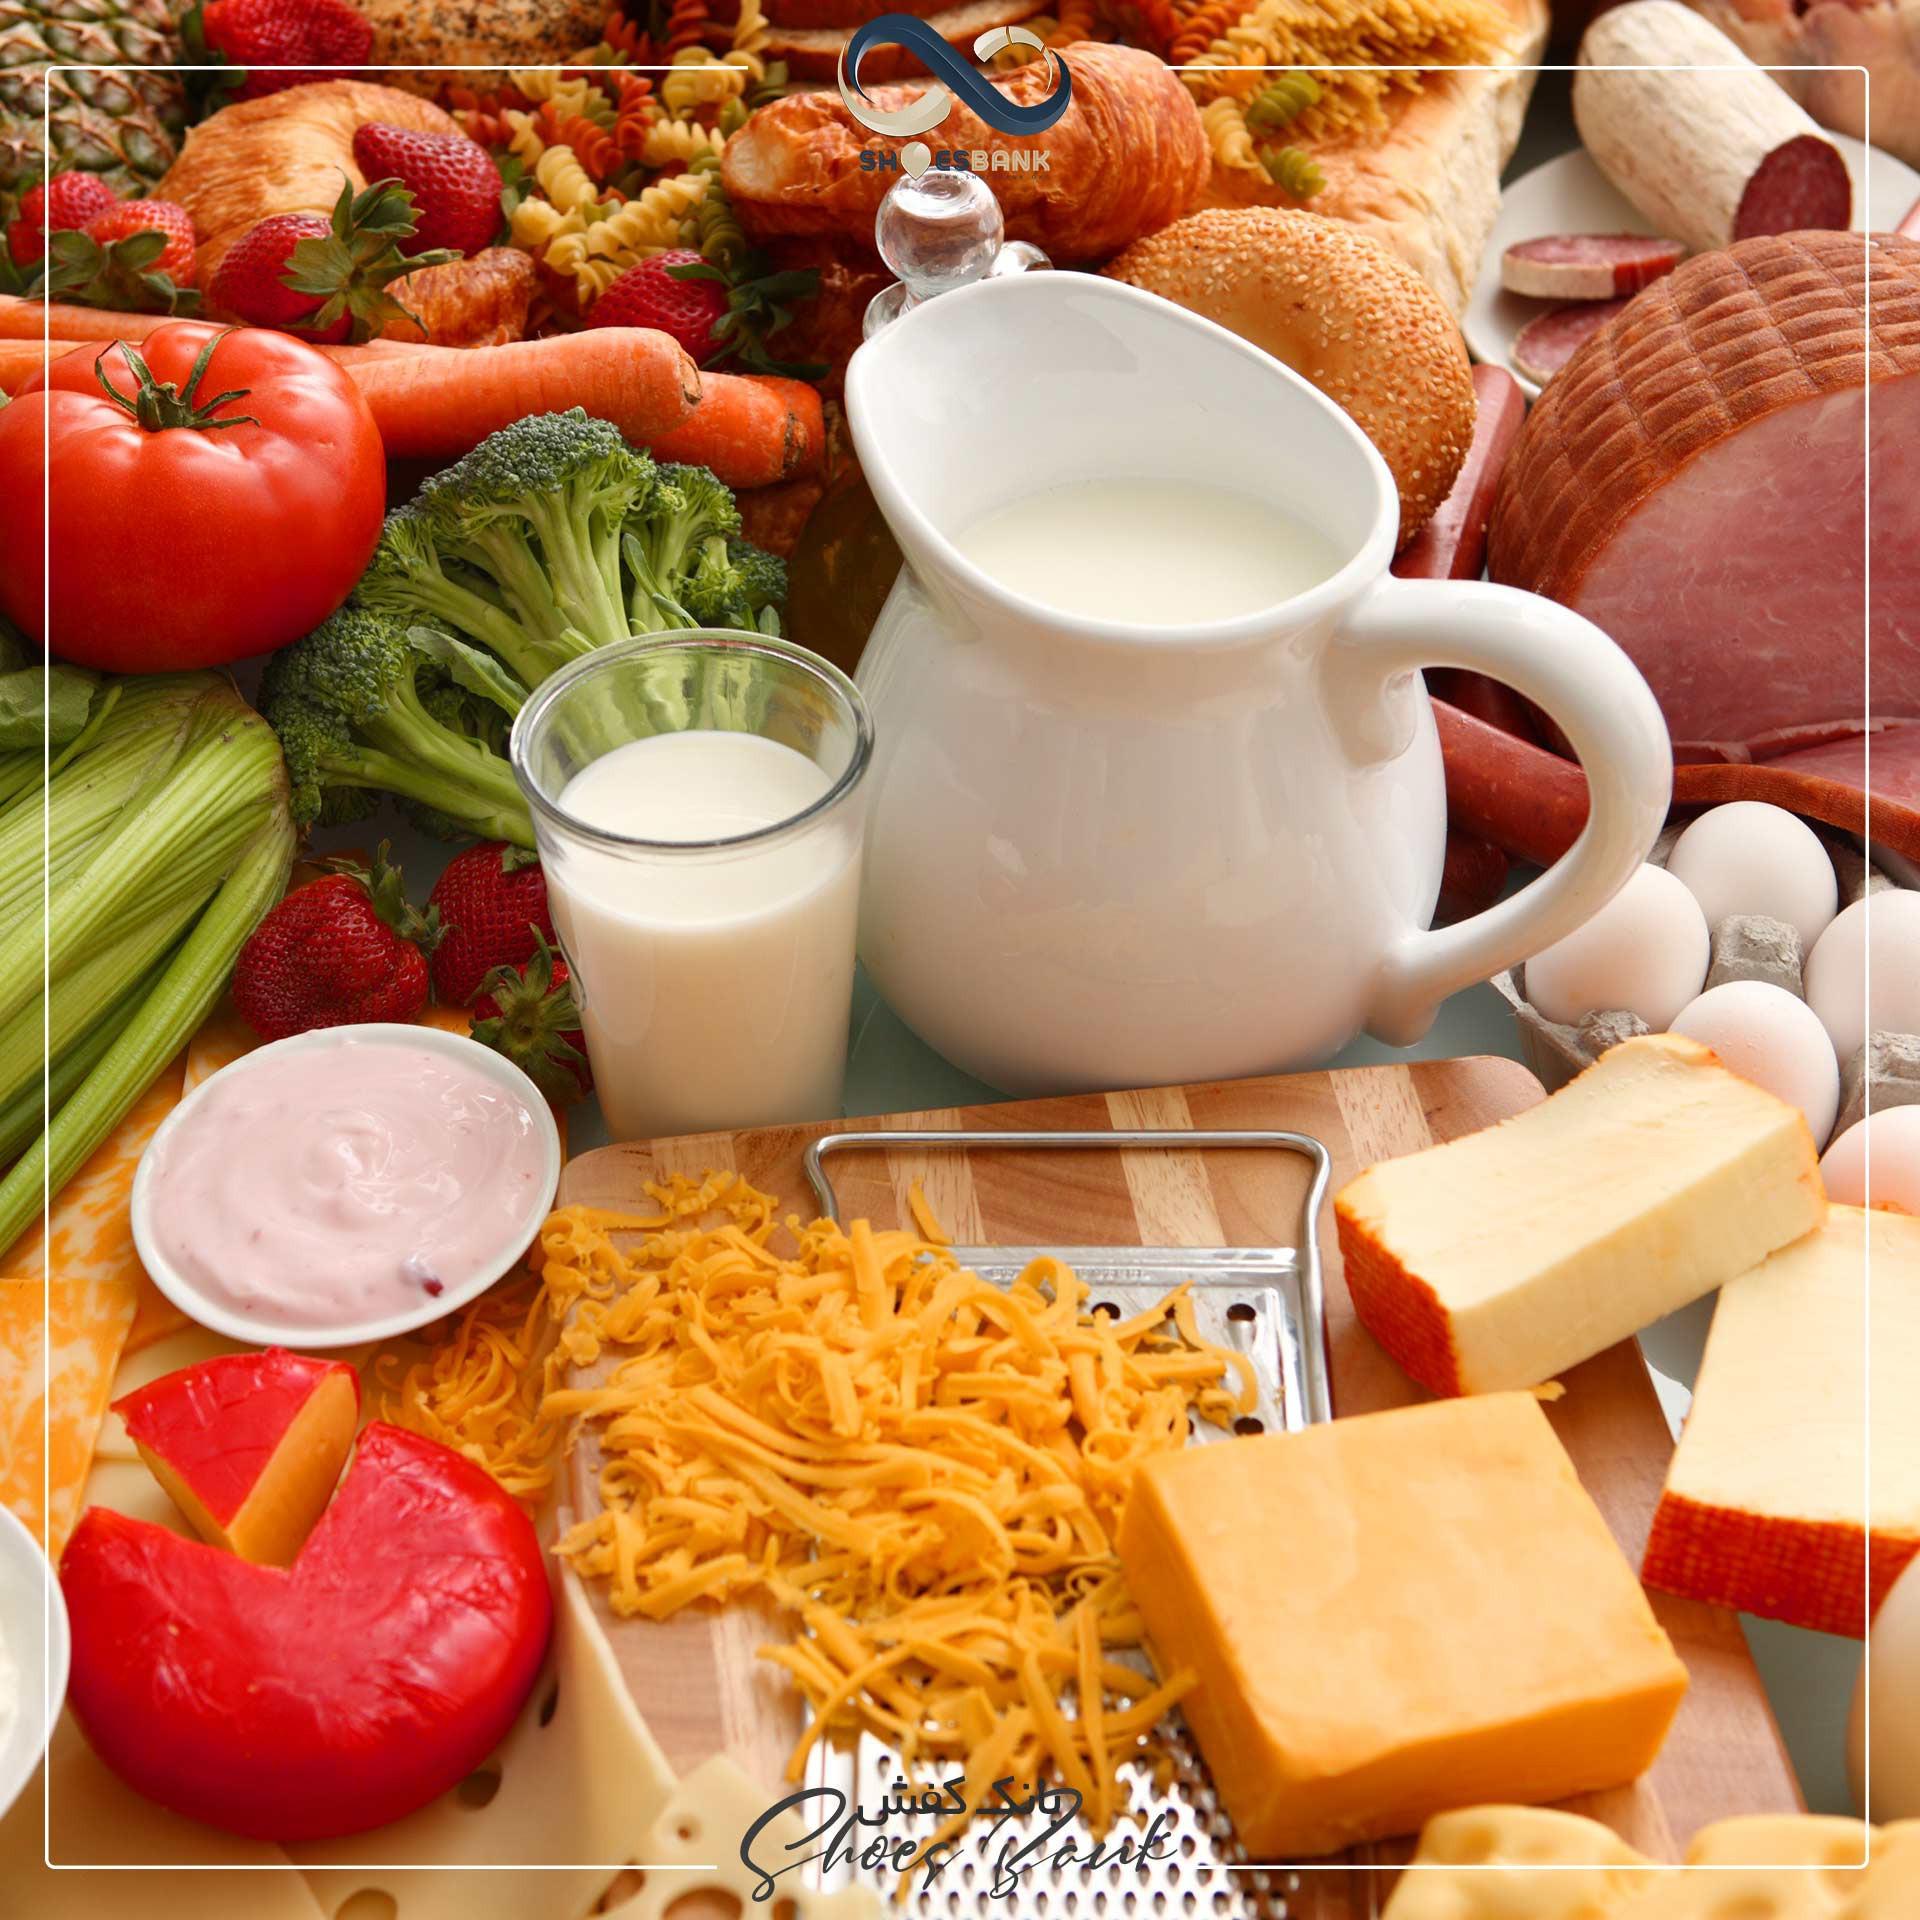 مواد غذایی که برای درمان خارپاشنه مفید هستند